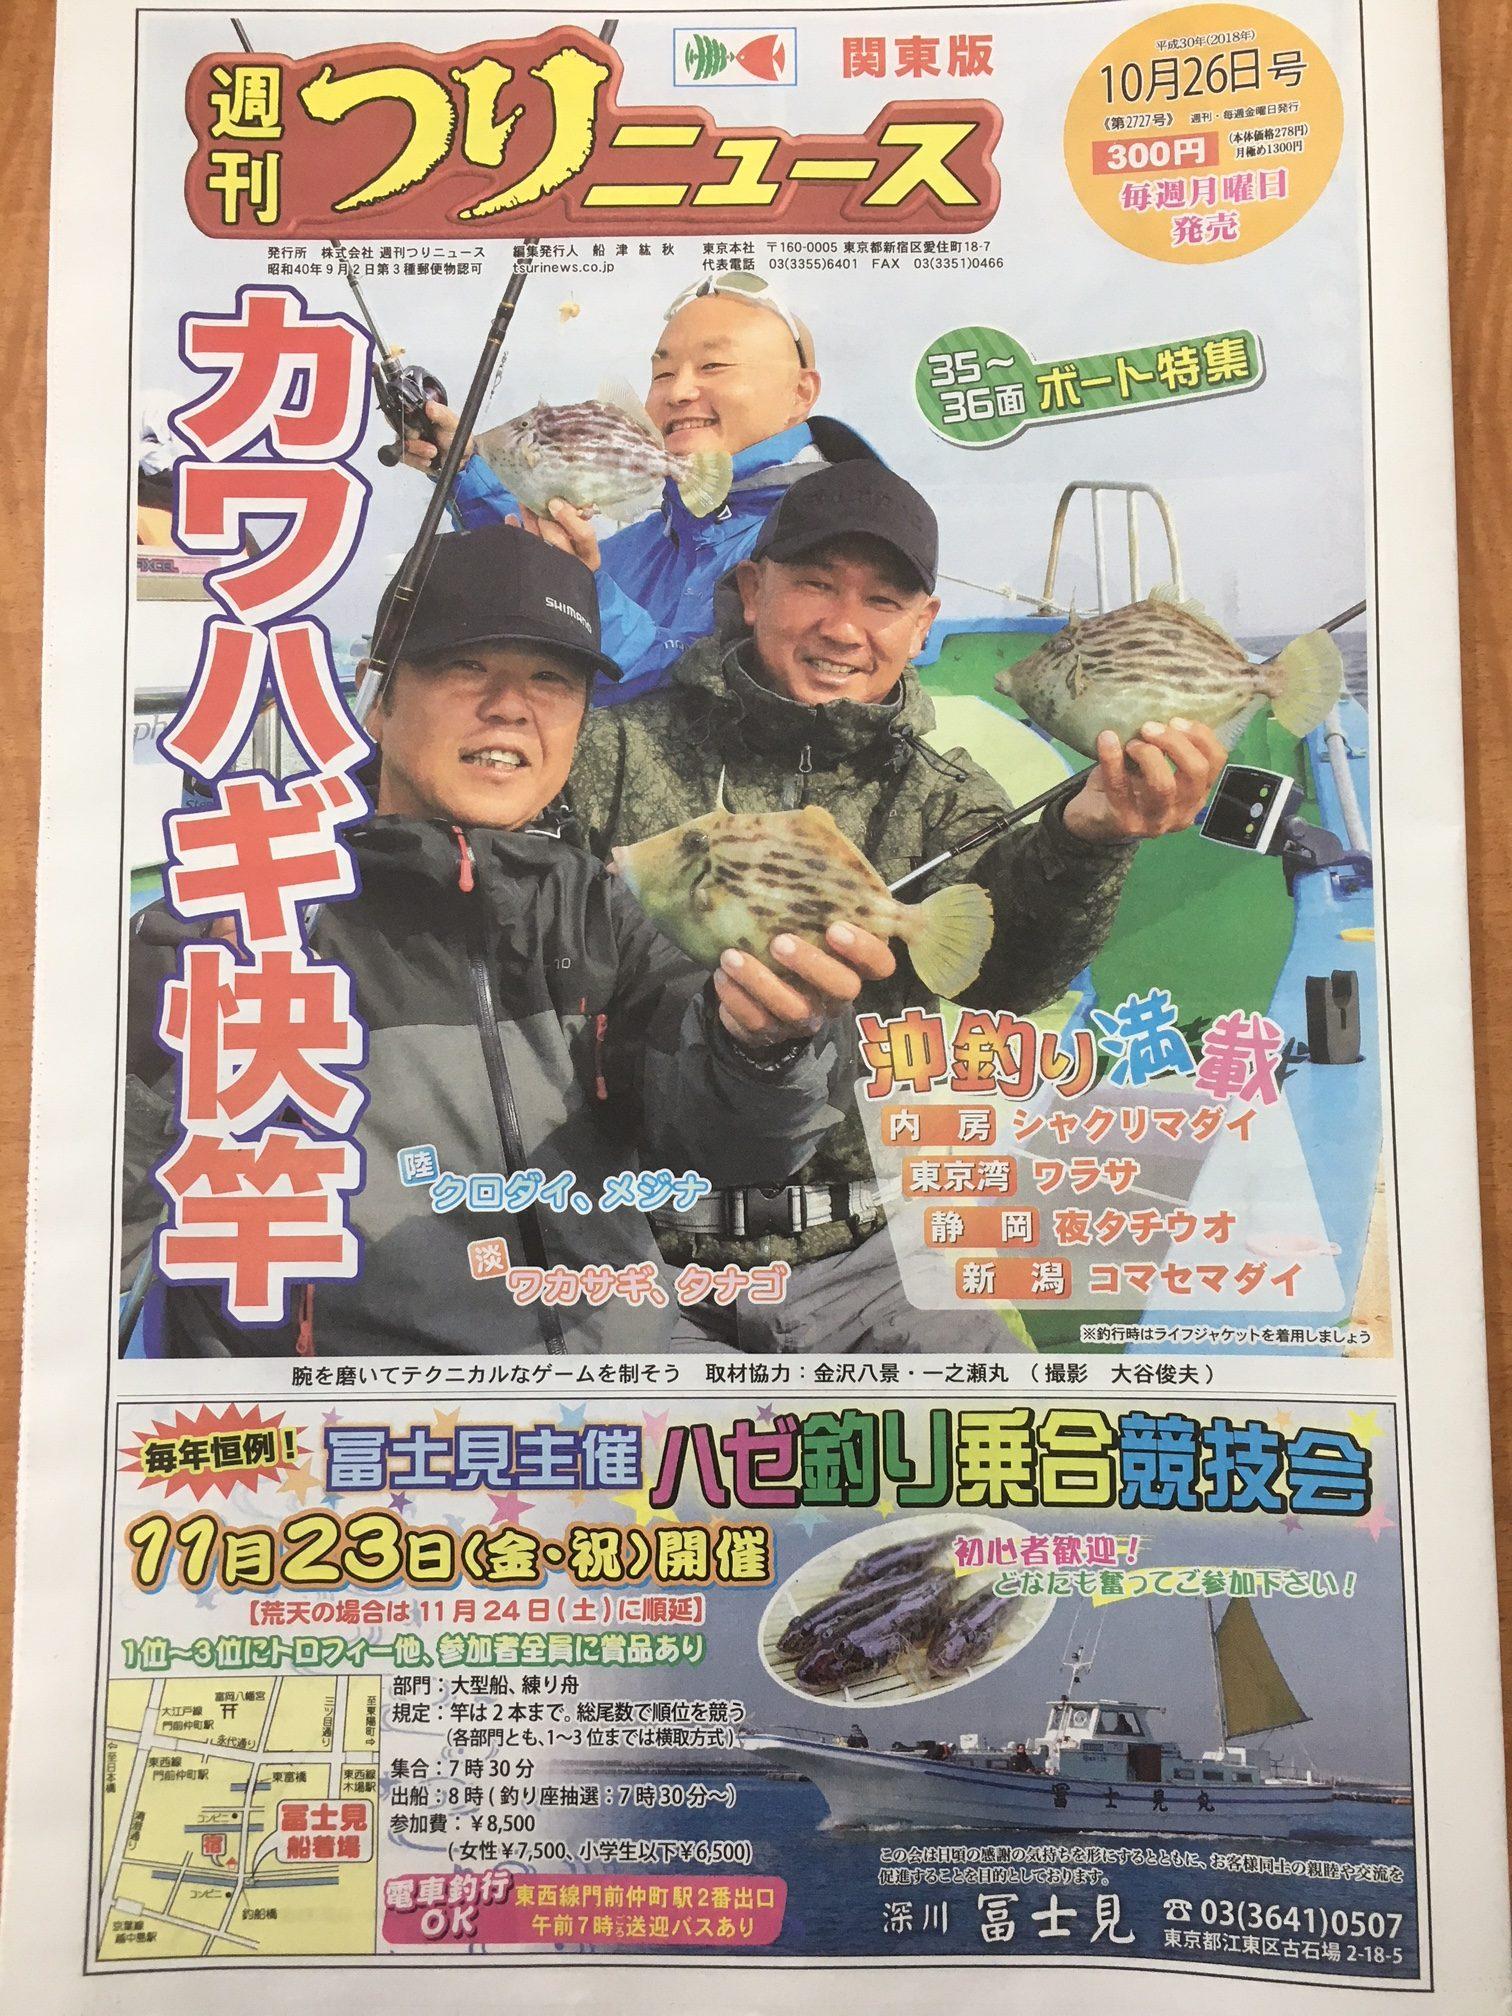 コラボトラウトルアー試釣会の様子が掲載!『週刊つりニュース関東版 2018年10月26日号』